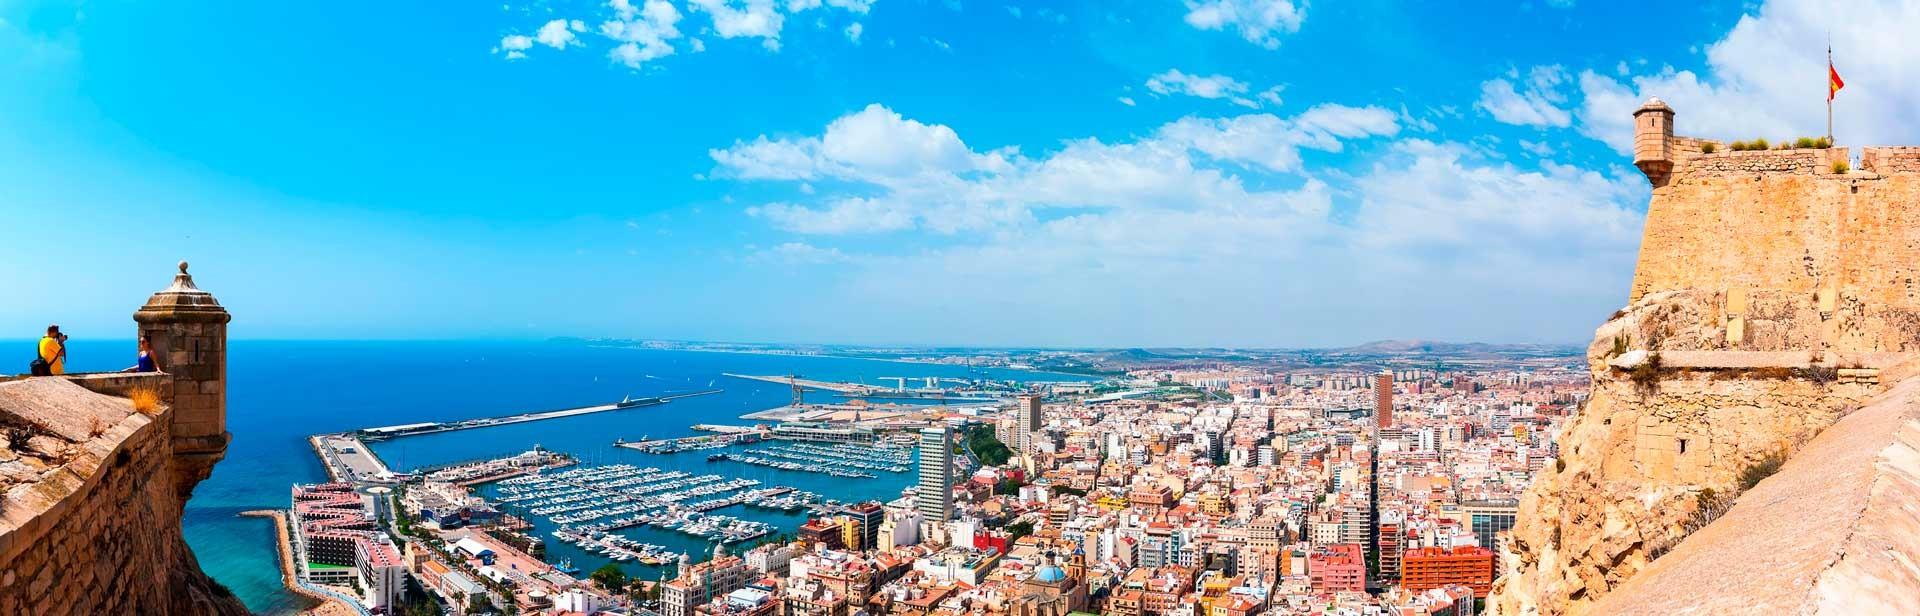 Hoteles en la Costa de Alicante